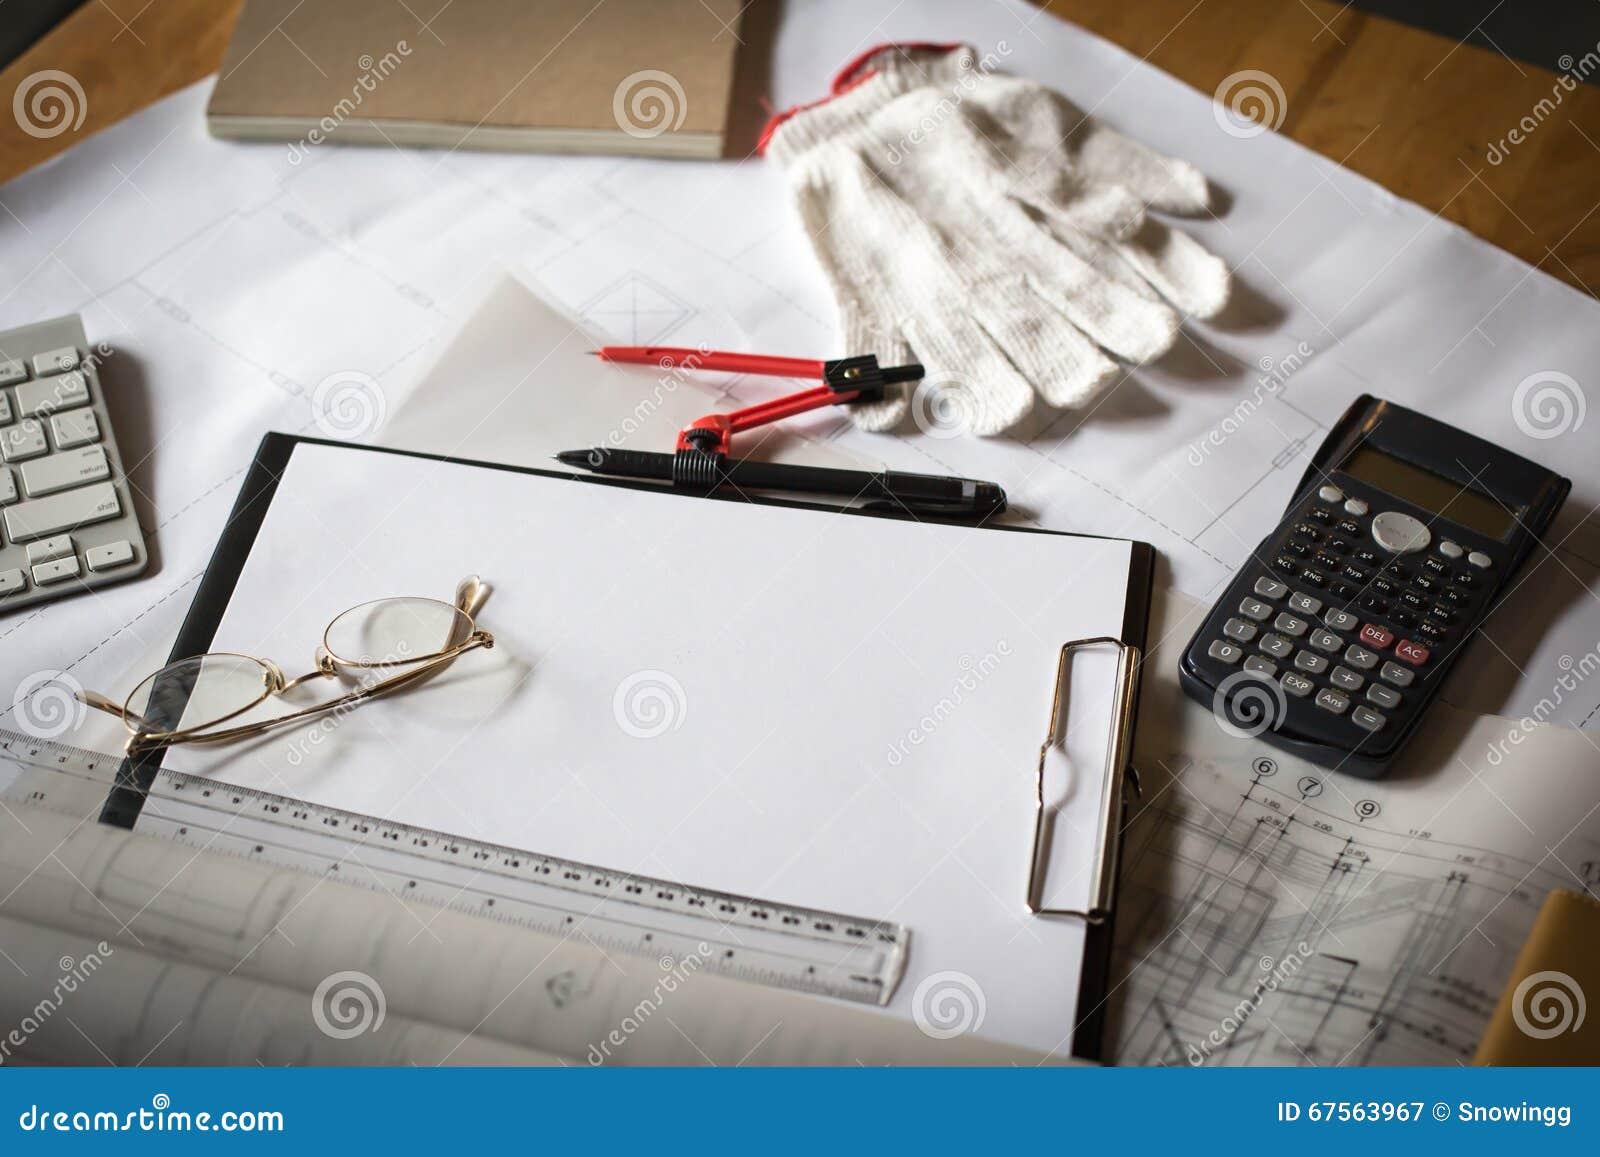 Drewniany biurko z otwartym notatnikiem, projekt staczający się, przysiółek, calcul